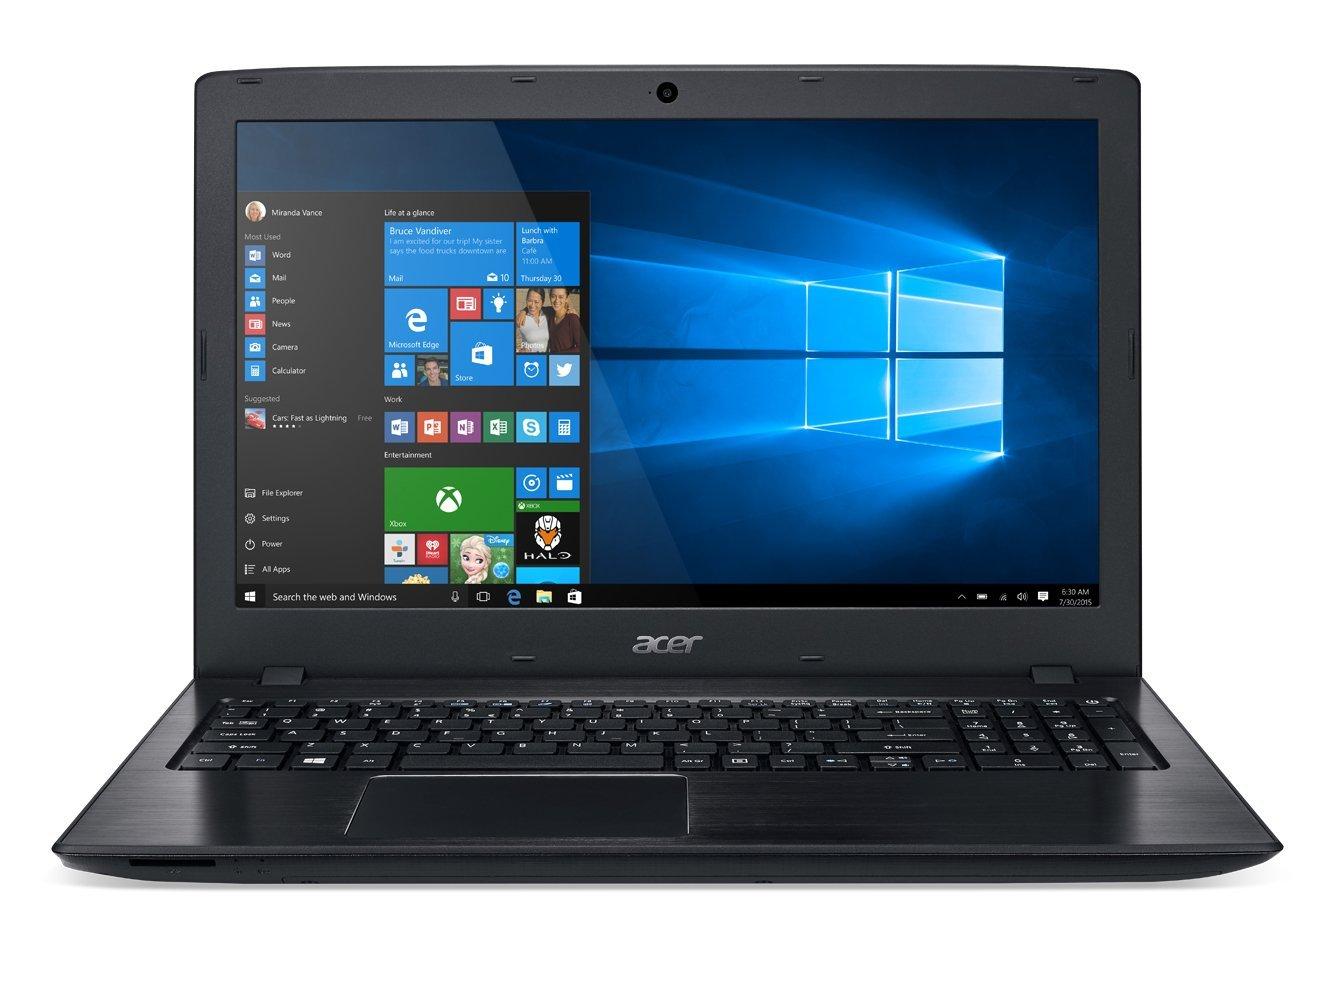 """Acer Aspire E 15 E5-575-33BM Laptop, 15.6"""" 1080p, 7th Gen Intel Core i3-7100U, 4GB DDR4, 1TB HDD, Win 10 (Pre-order) $349.99 + Free Shipping @ Amazon"""